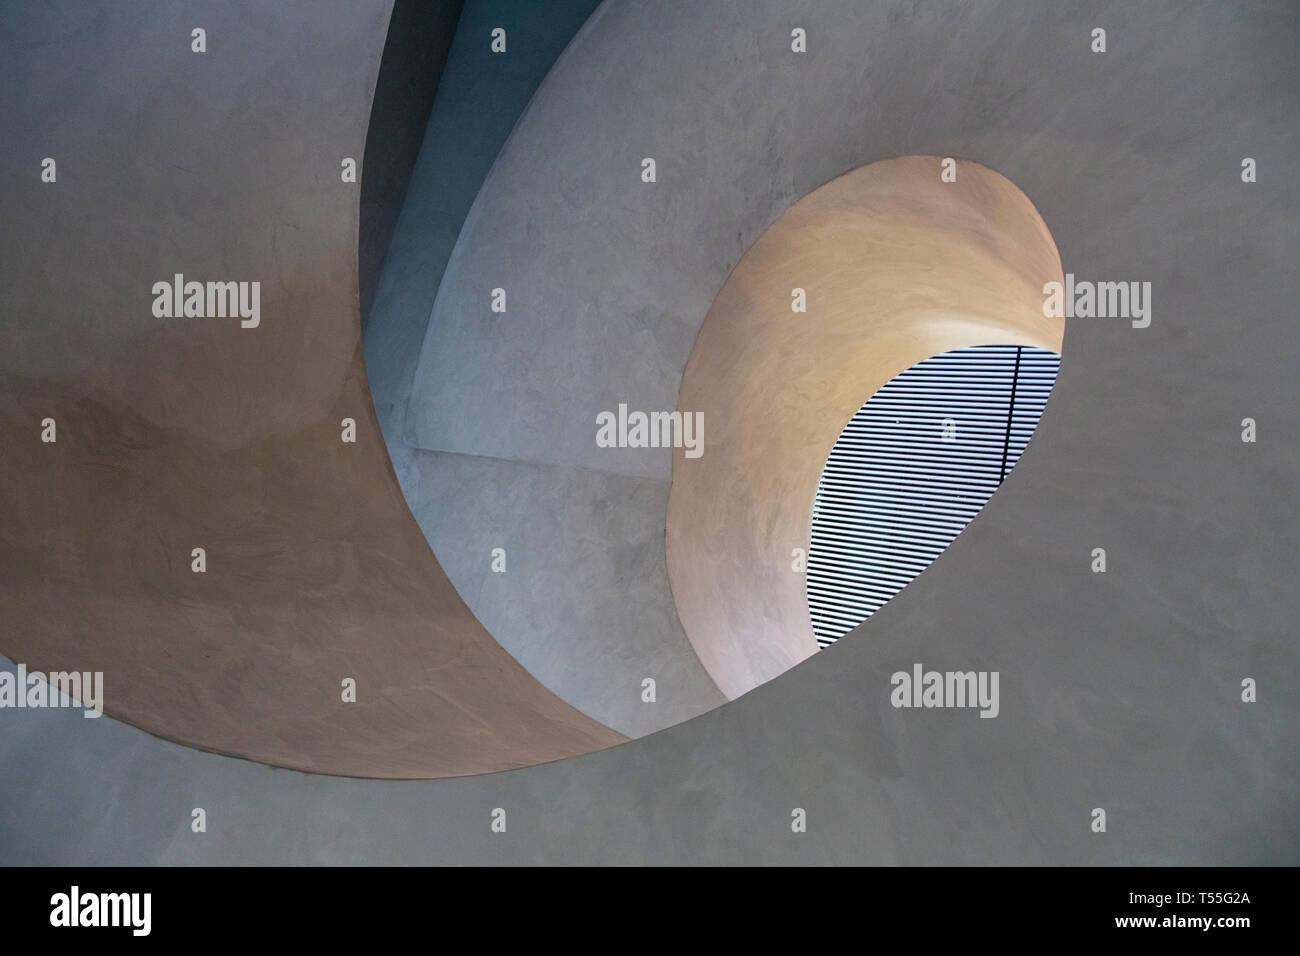 Émirats arabes unis, Abu Dhabi, Masdar City, escalier détail dans la station de la PRT de Masdar Masdar Institute of Science et technologie conçue par les architectes F Photo Stock